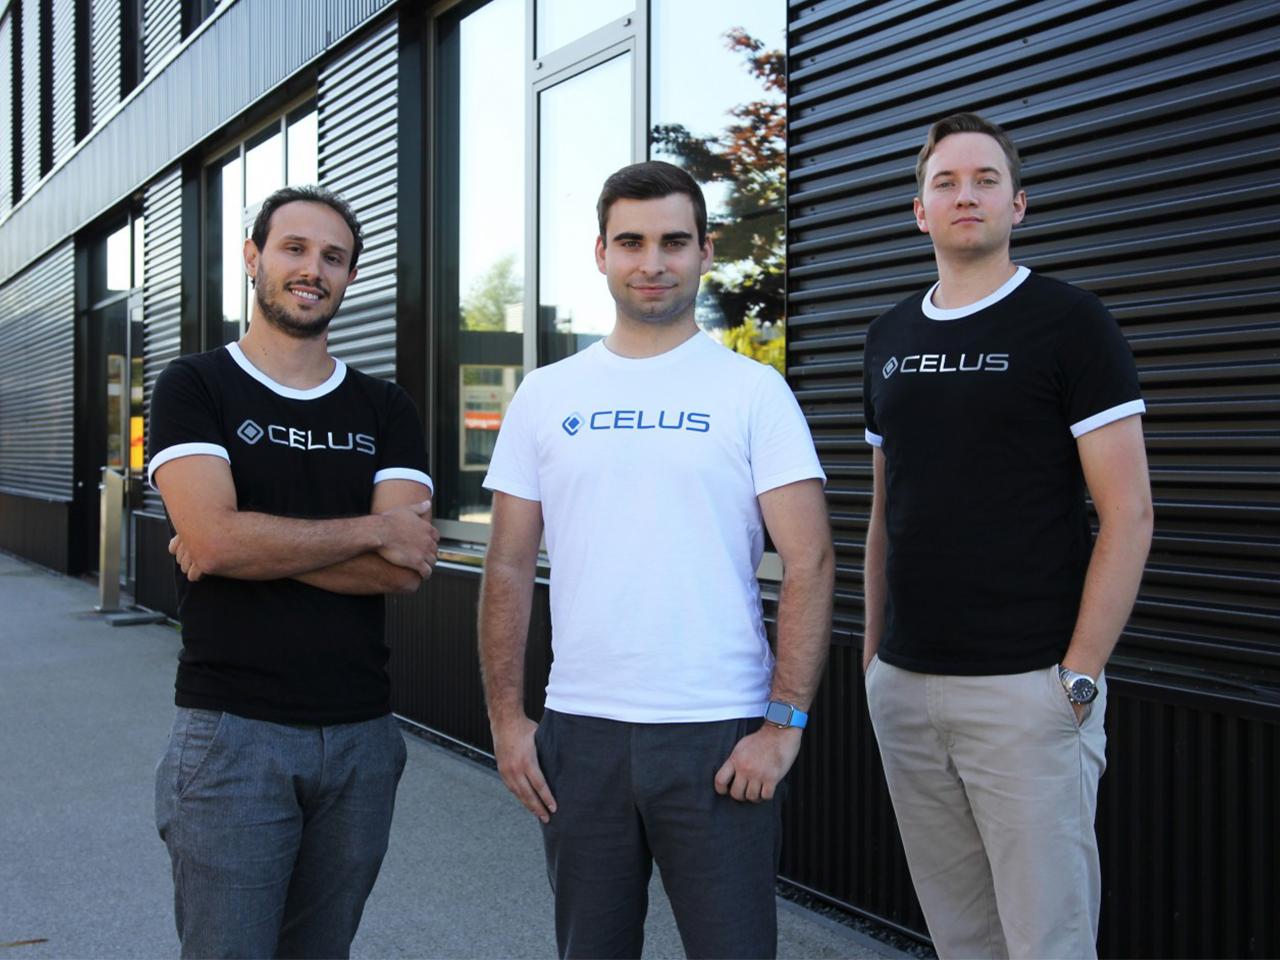 celus_founders